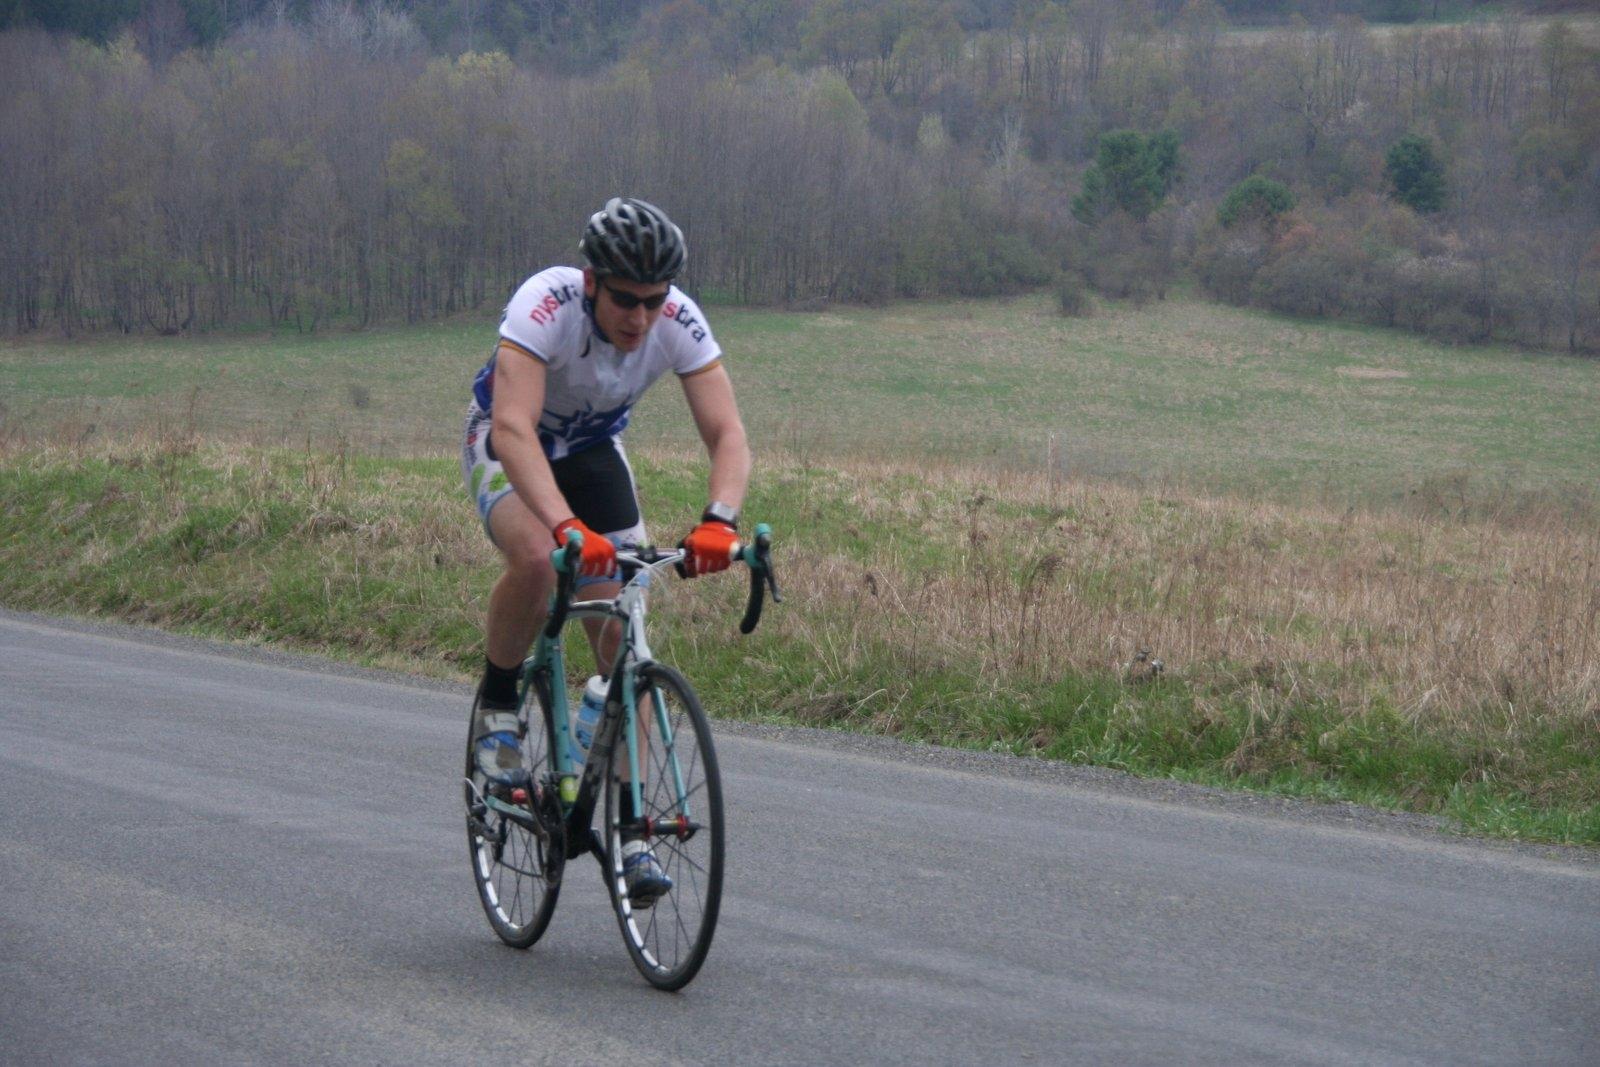 State Champion Randy Hadzor